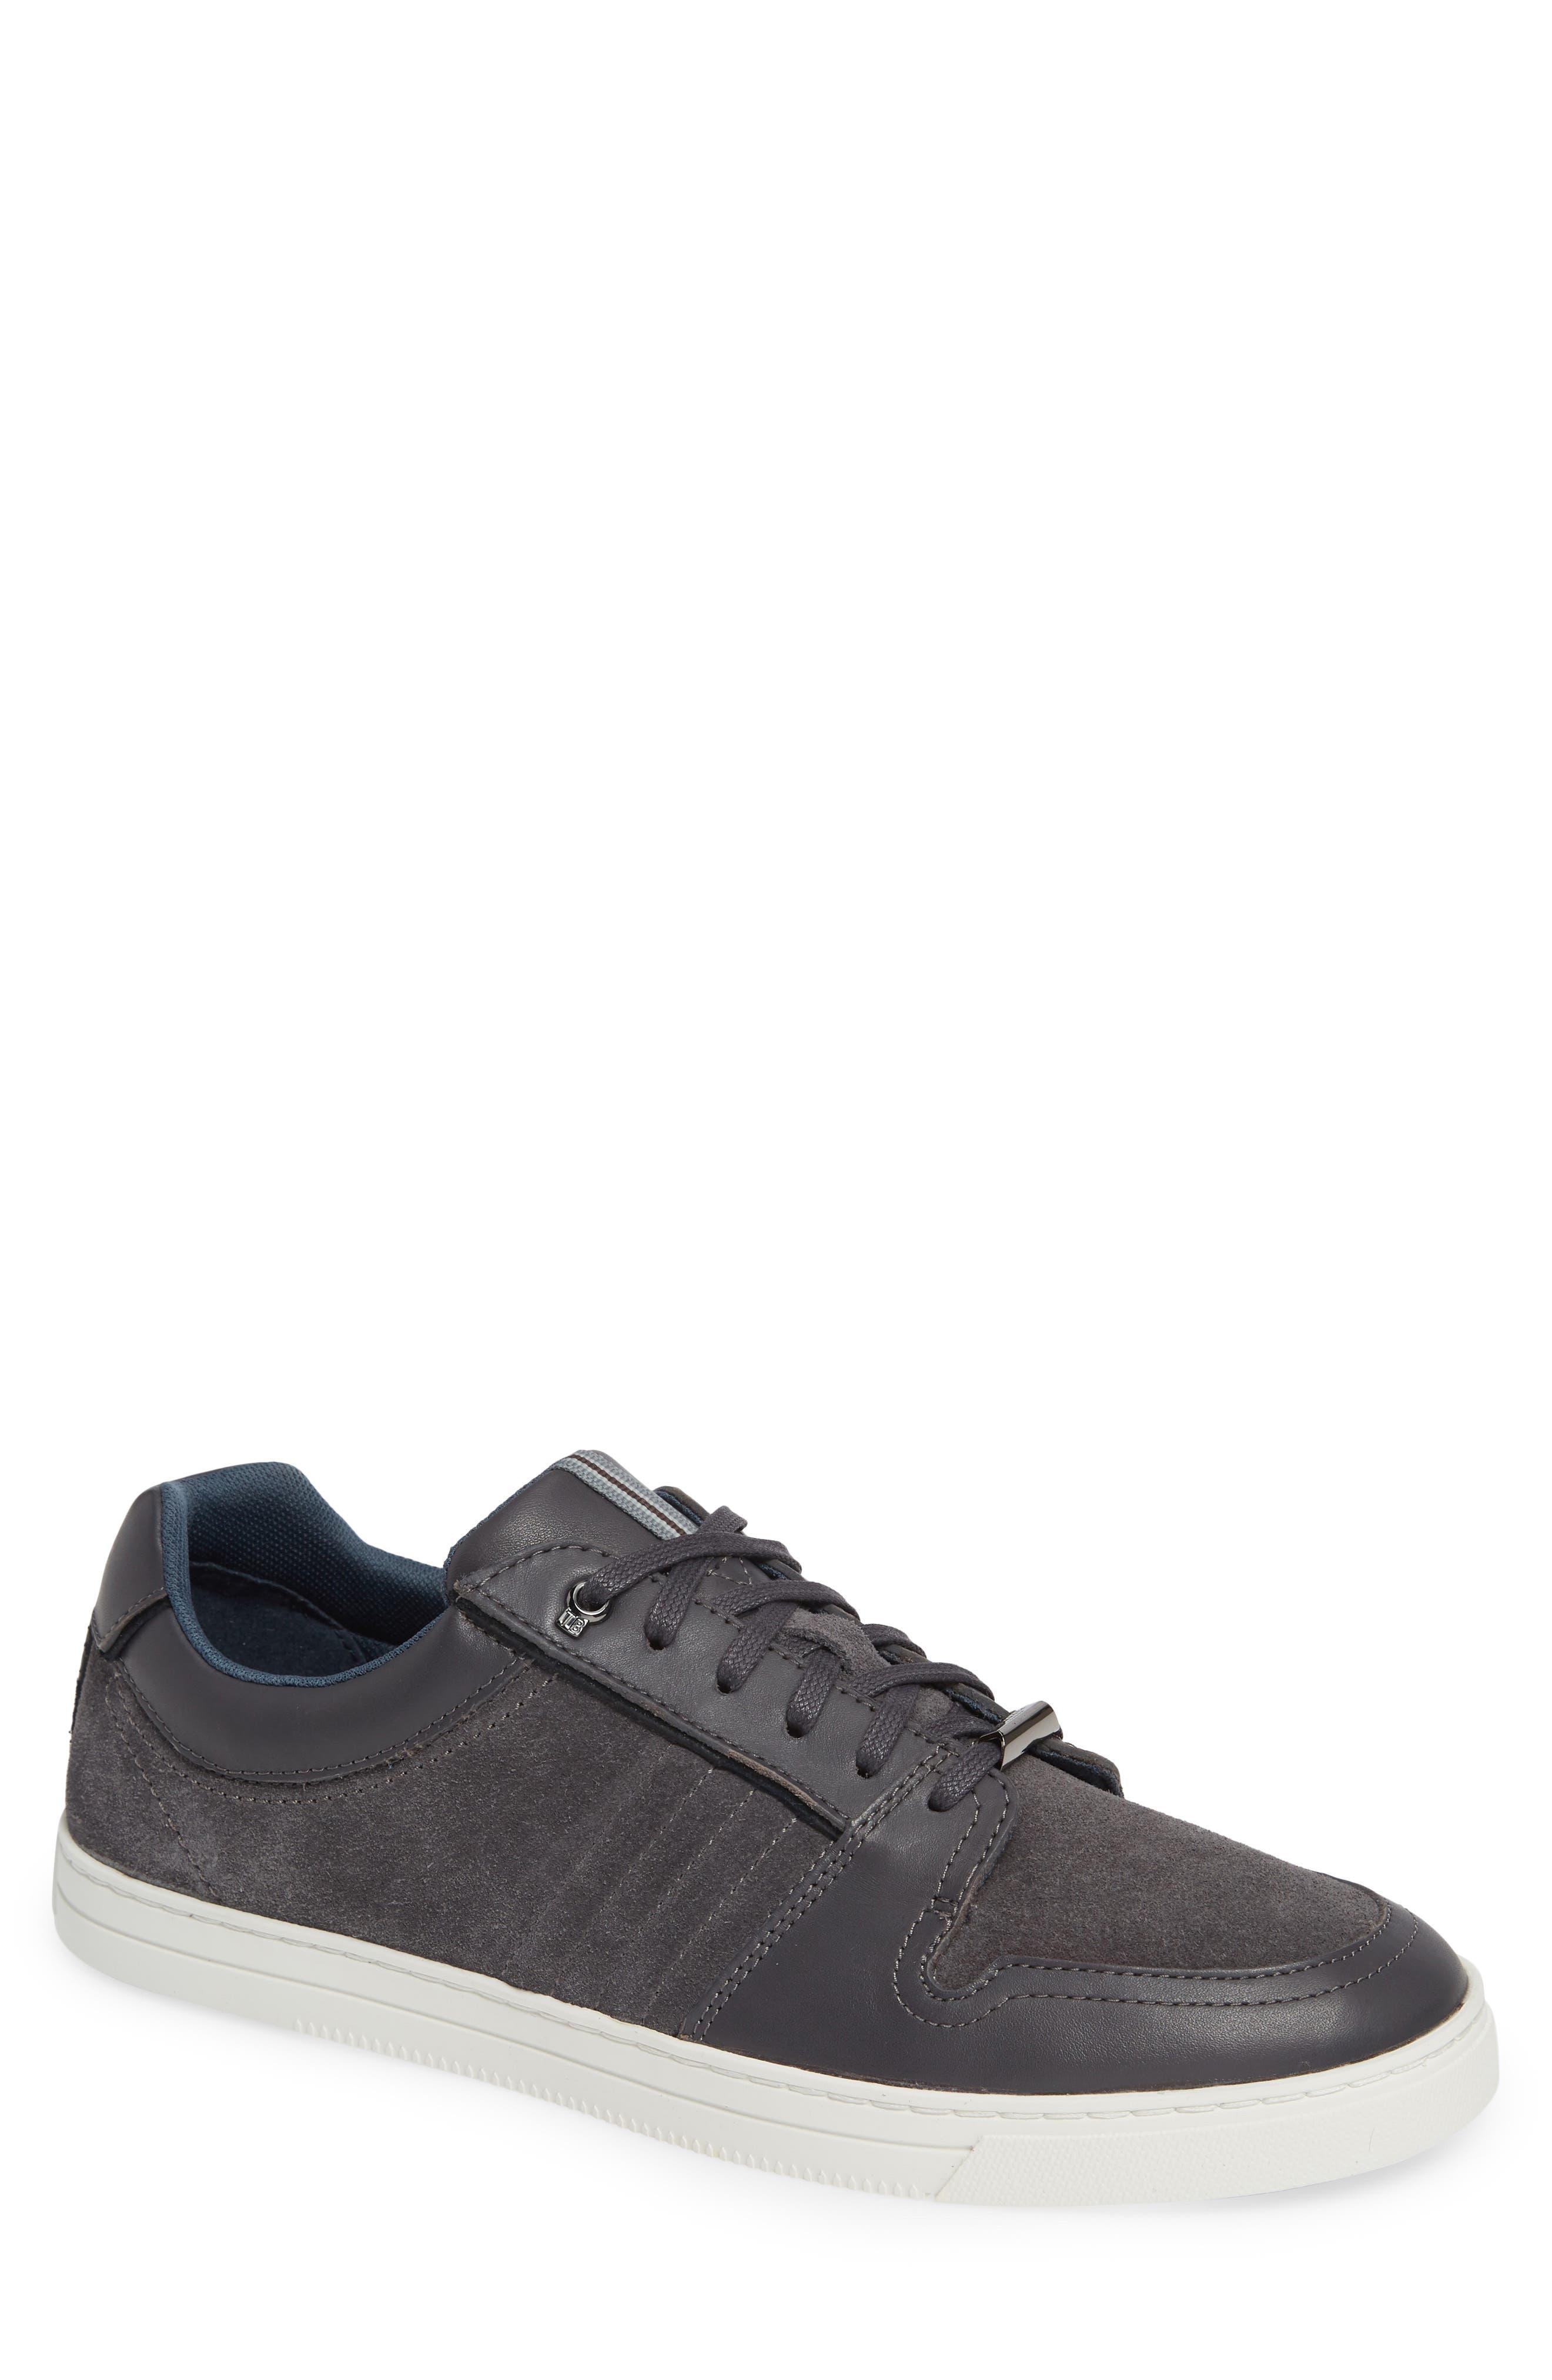 Kalhan Sneaker,                             Main thumbnail 1, color,                             DARK GREY